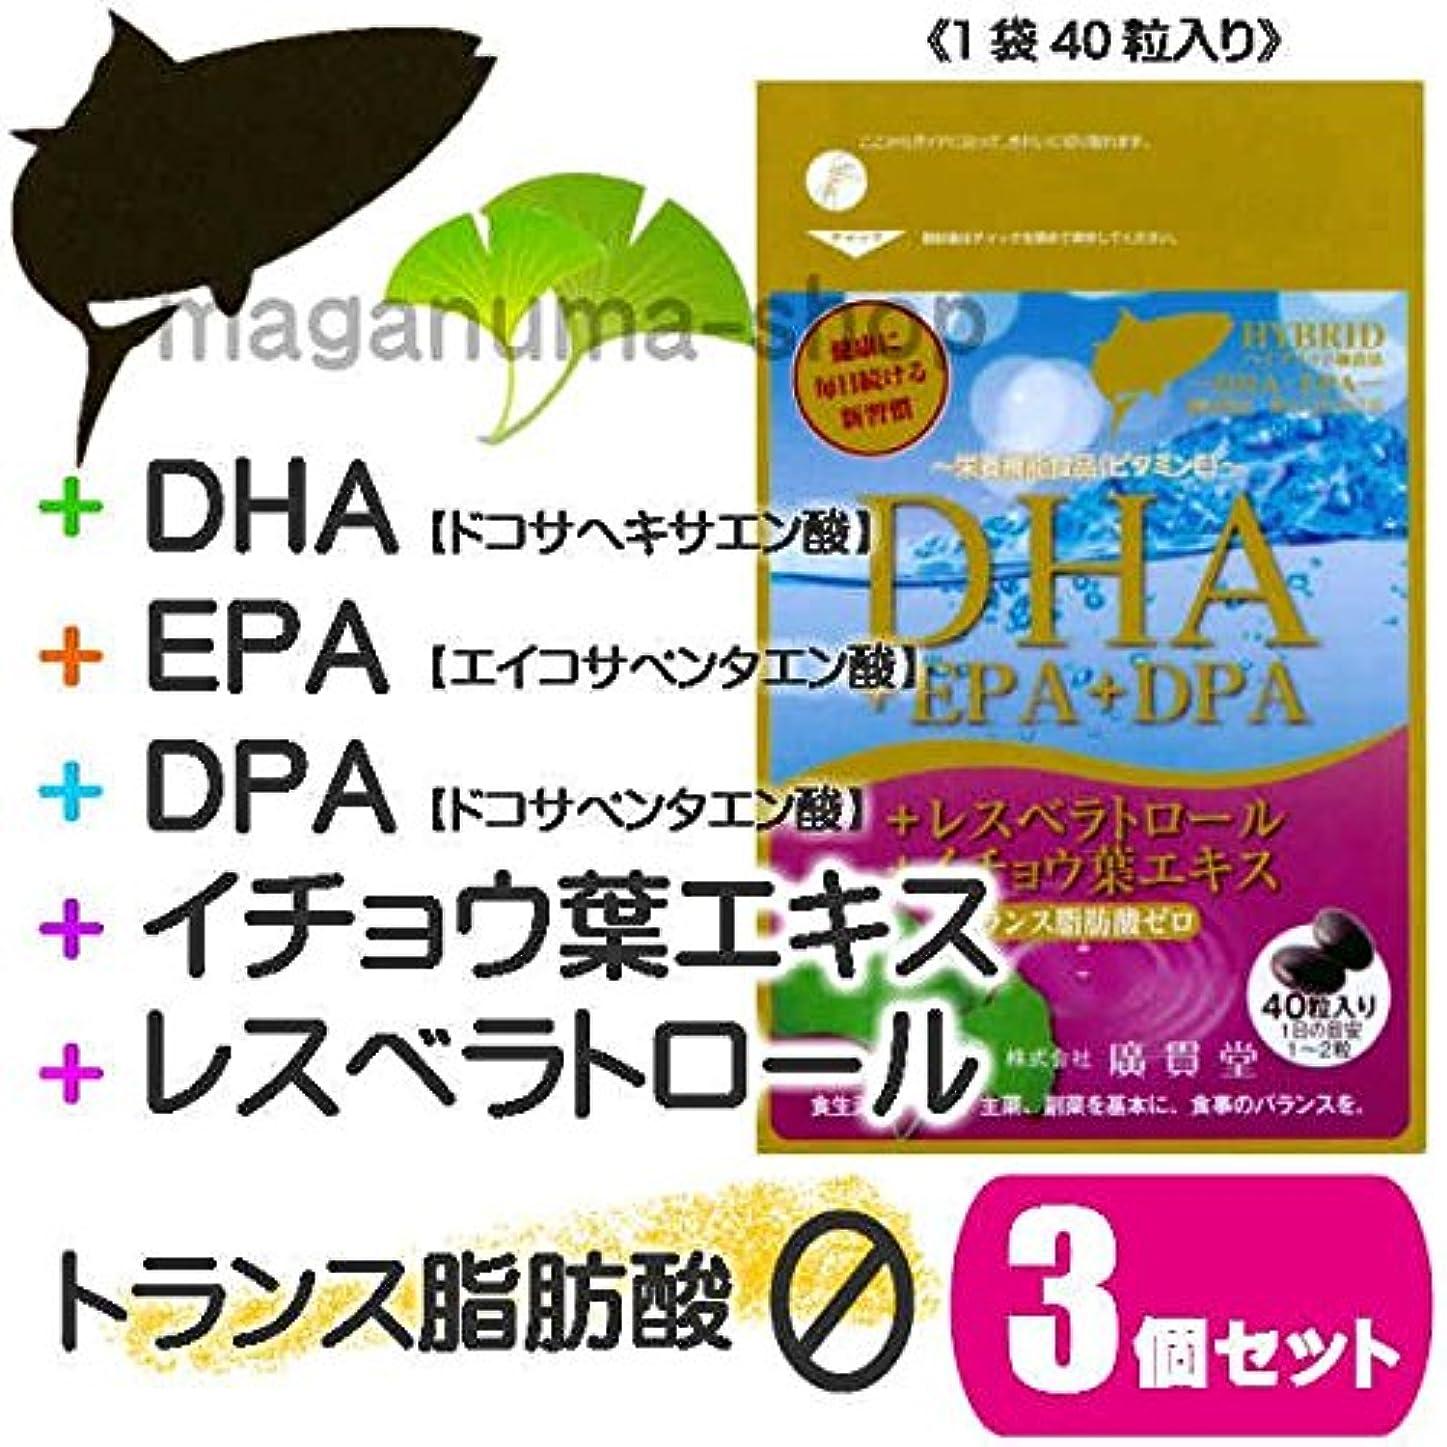 罪意外クロールDHA+EPA+DPA+レスベラトロール+イチョウ葉エキス 3個セット